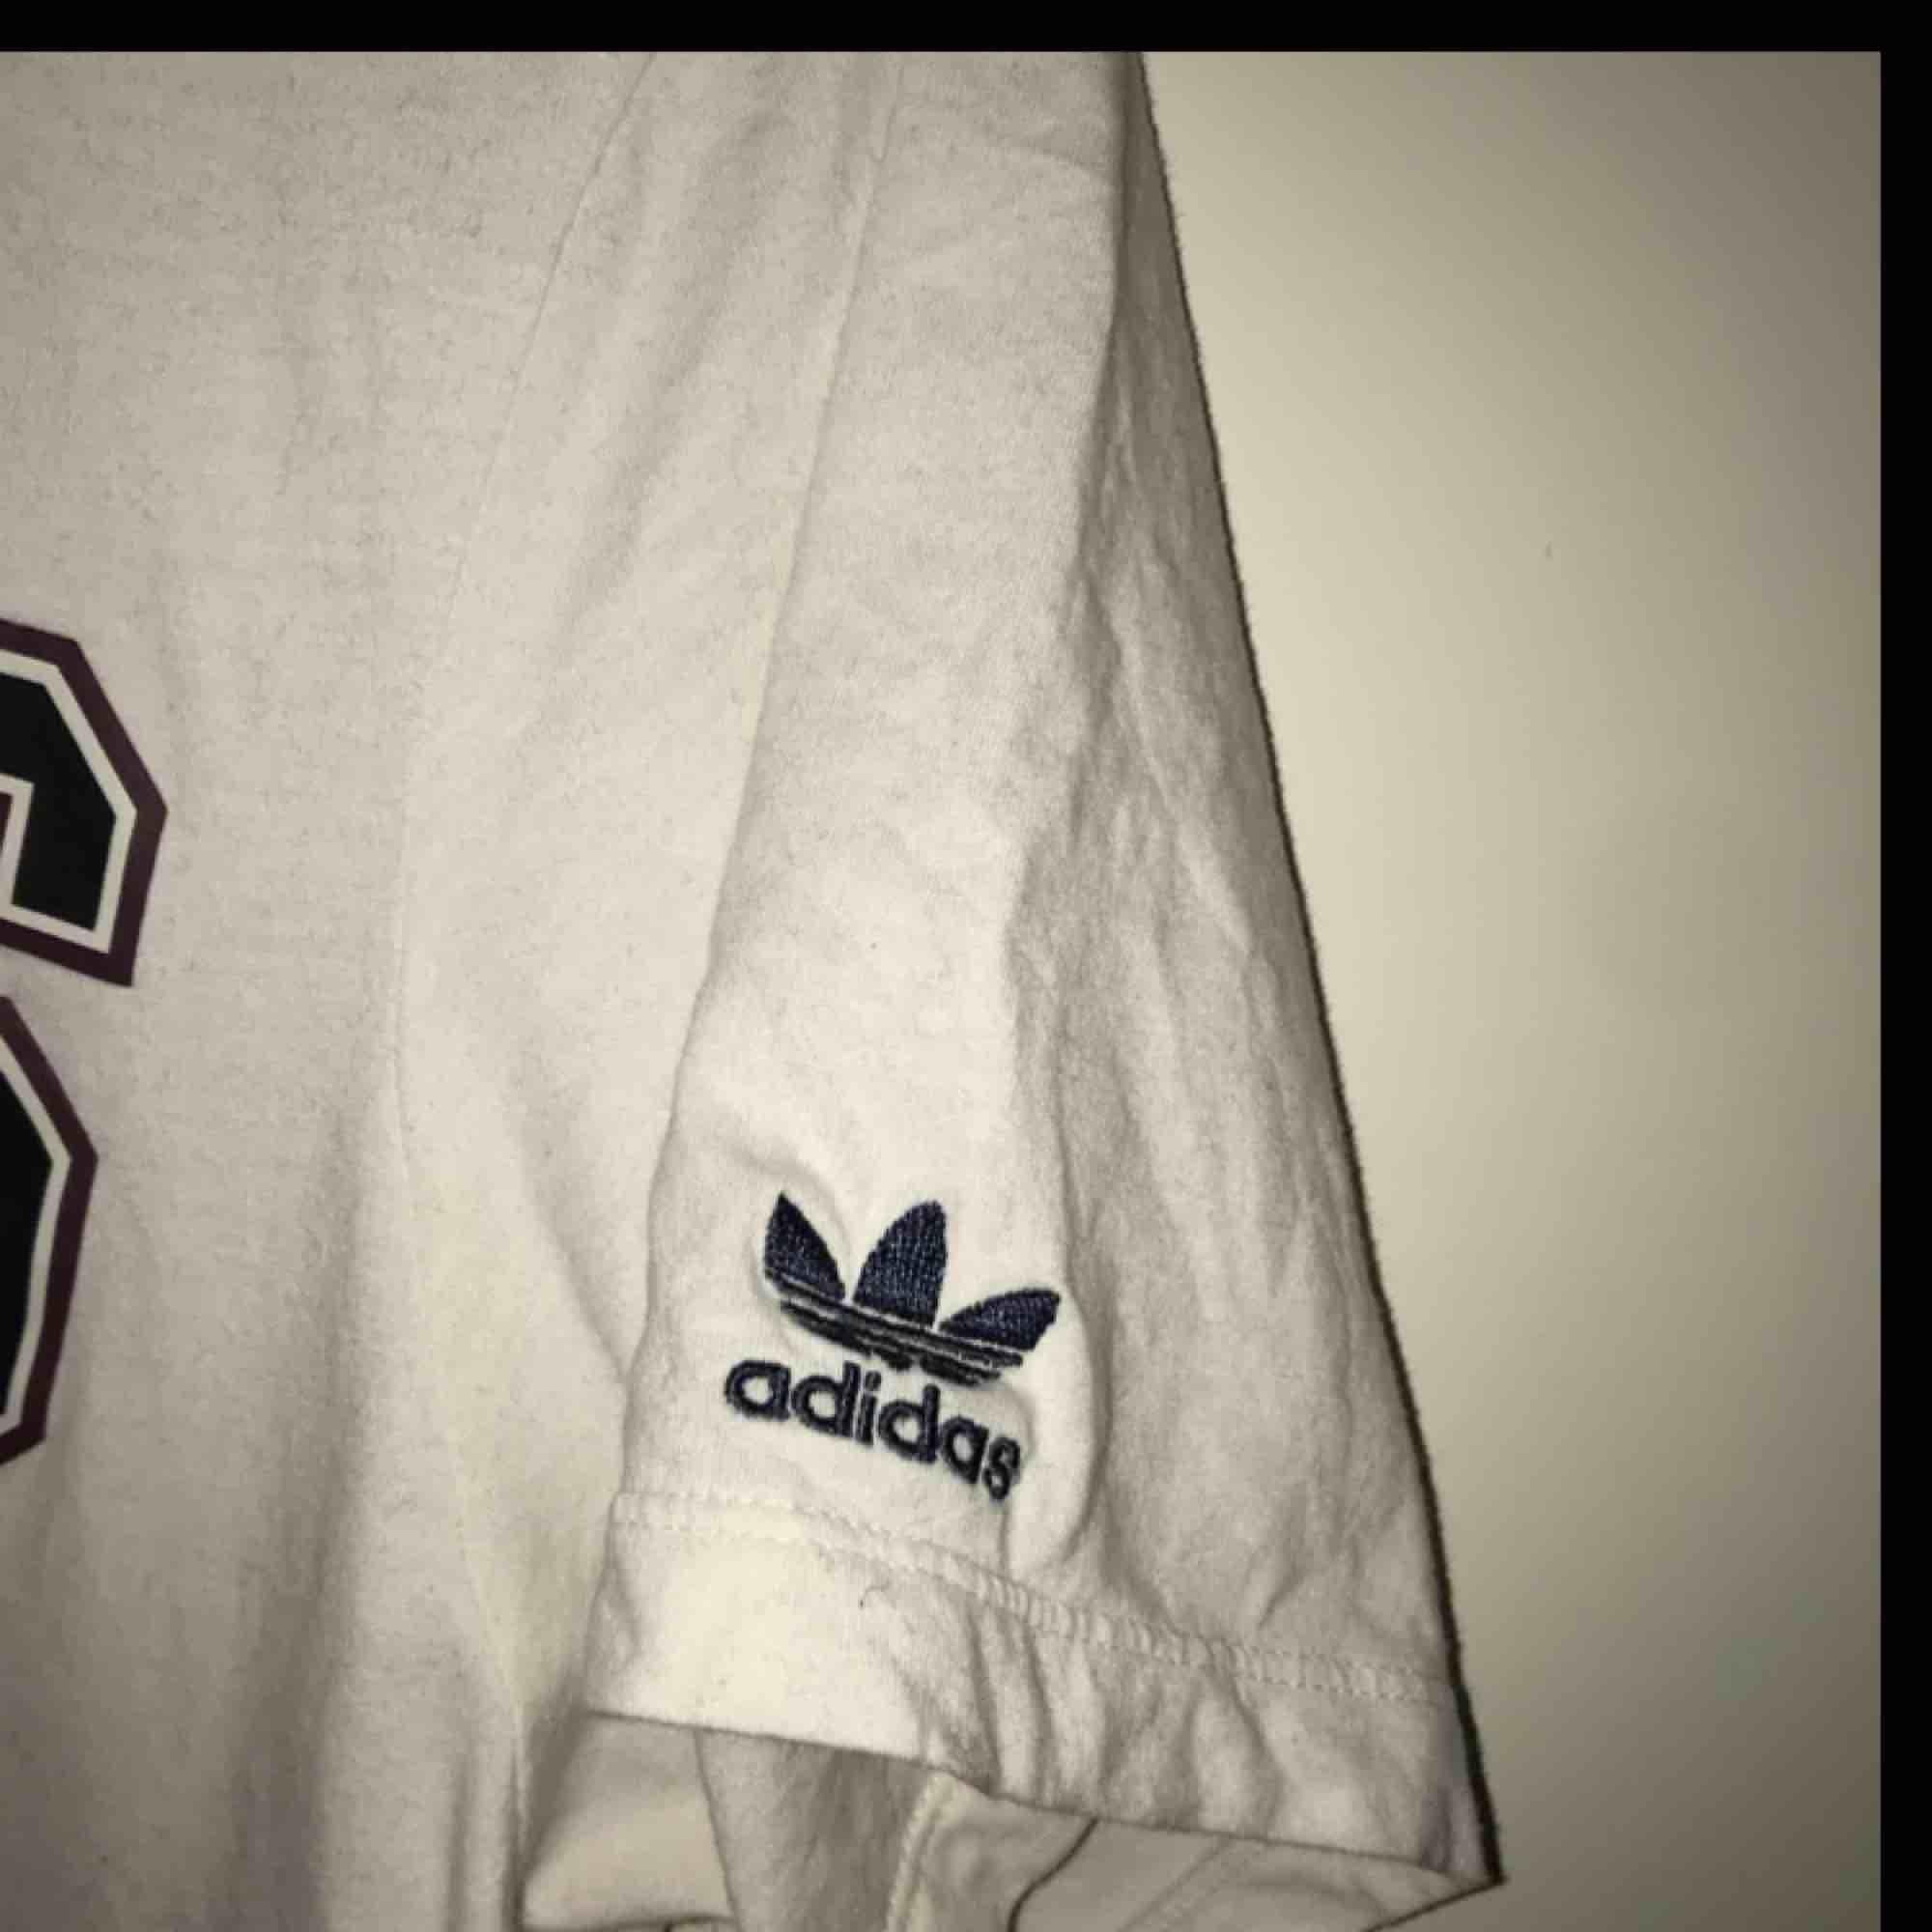 ADIDAS ORIGINALS T-SHIRT - ADIBREAK CHALK WHITE/MIDNIGHT / M/38  MEN KÄNNS SOM EN L Köpt i Junkyard , priset är ink frakt. T-shirts.